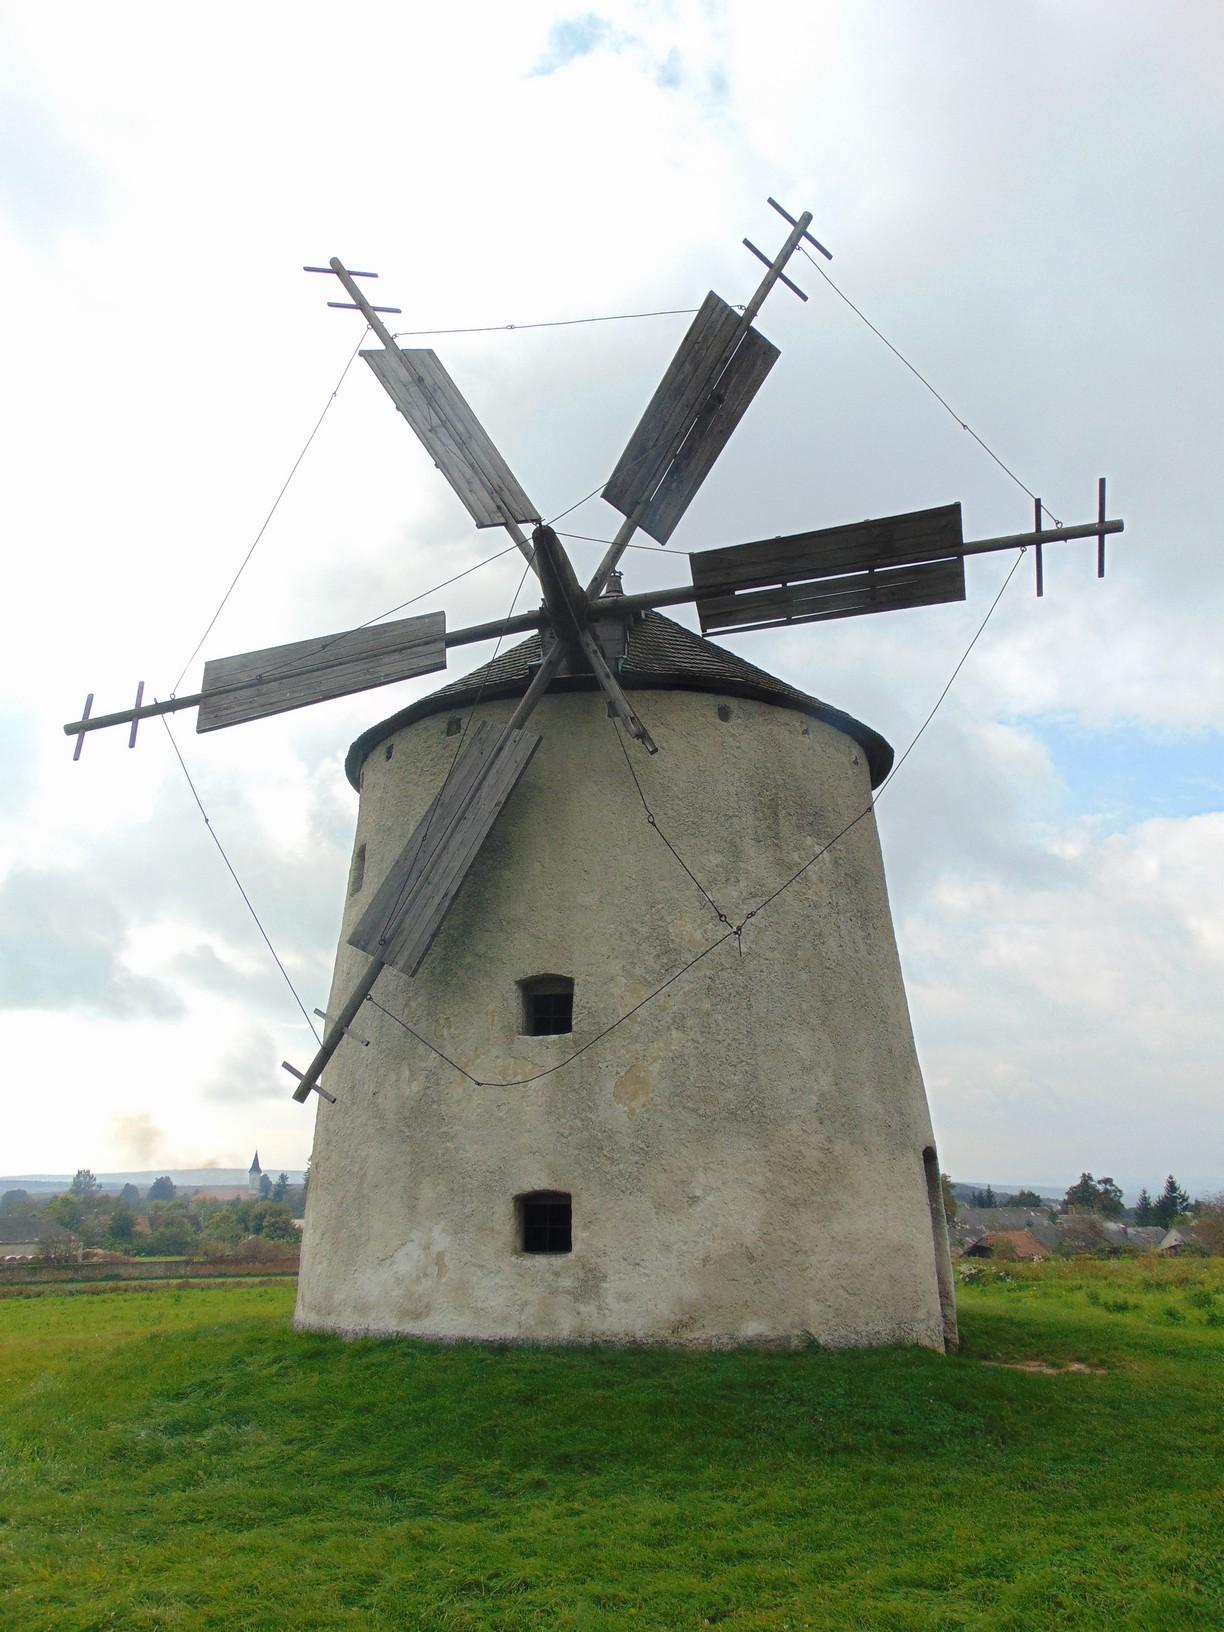 Az 1840-ben épült Helt-féle és az 1924-ben épült Ozi-féle szélmalmok jellegzetessége a körbe forgatható zsindelytető, a kőből készült malomtörzs és a hat vitorla